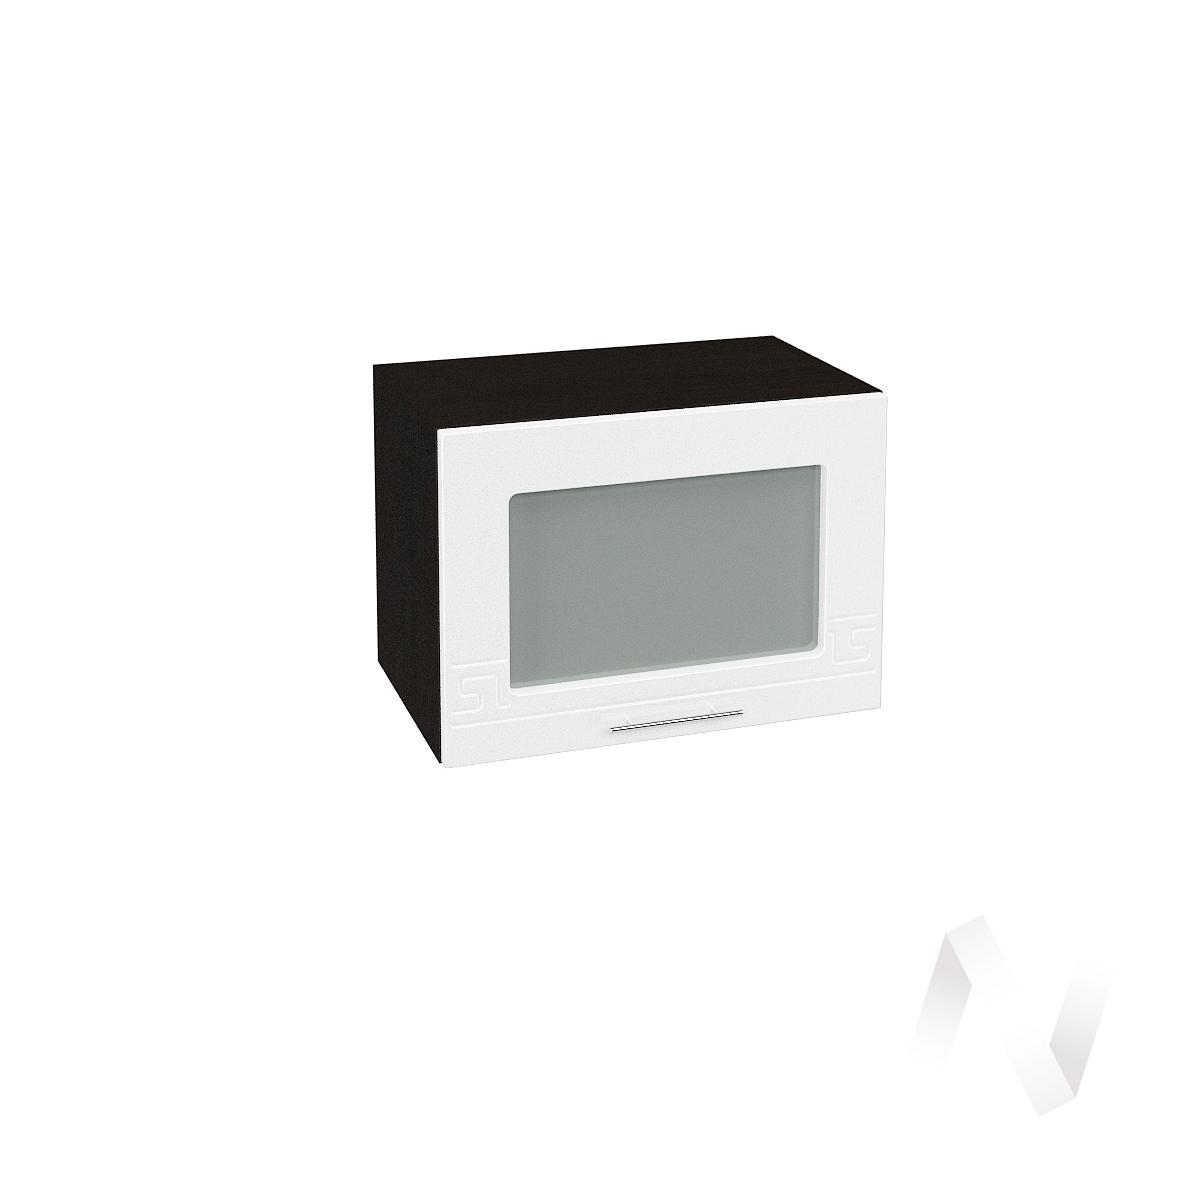 """Кухня """"Греция"""": Шкаф верхний горизонтальный со стеклом 500, ШВГС 500 (белый металлик/корпус венге)"""